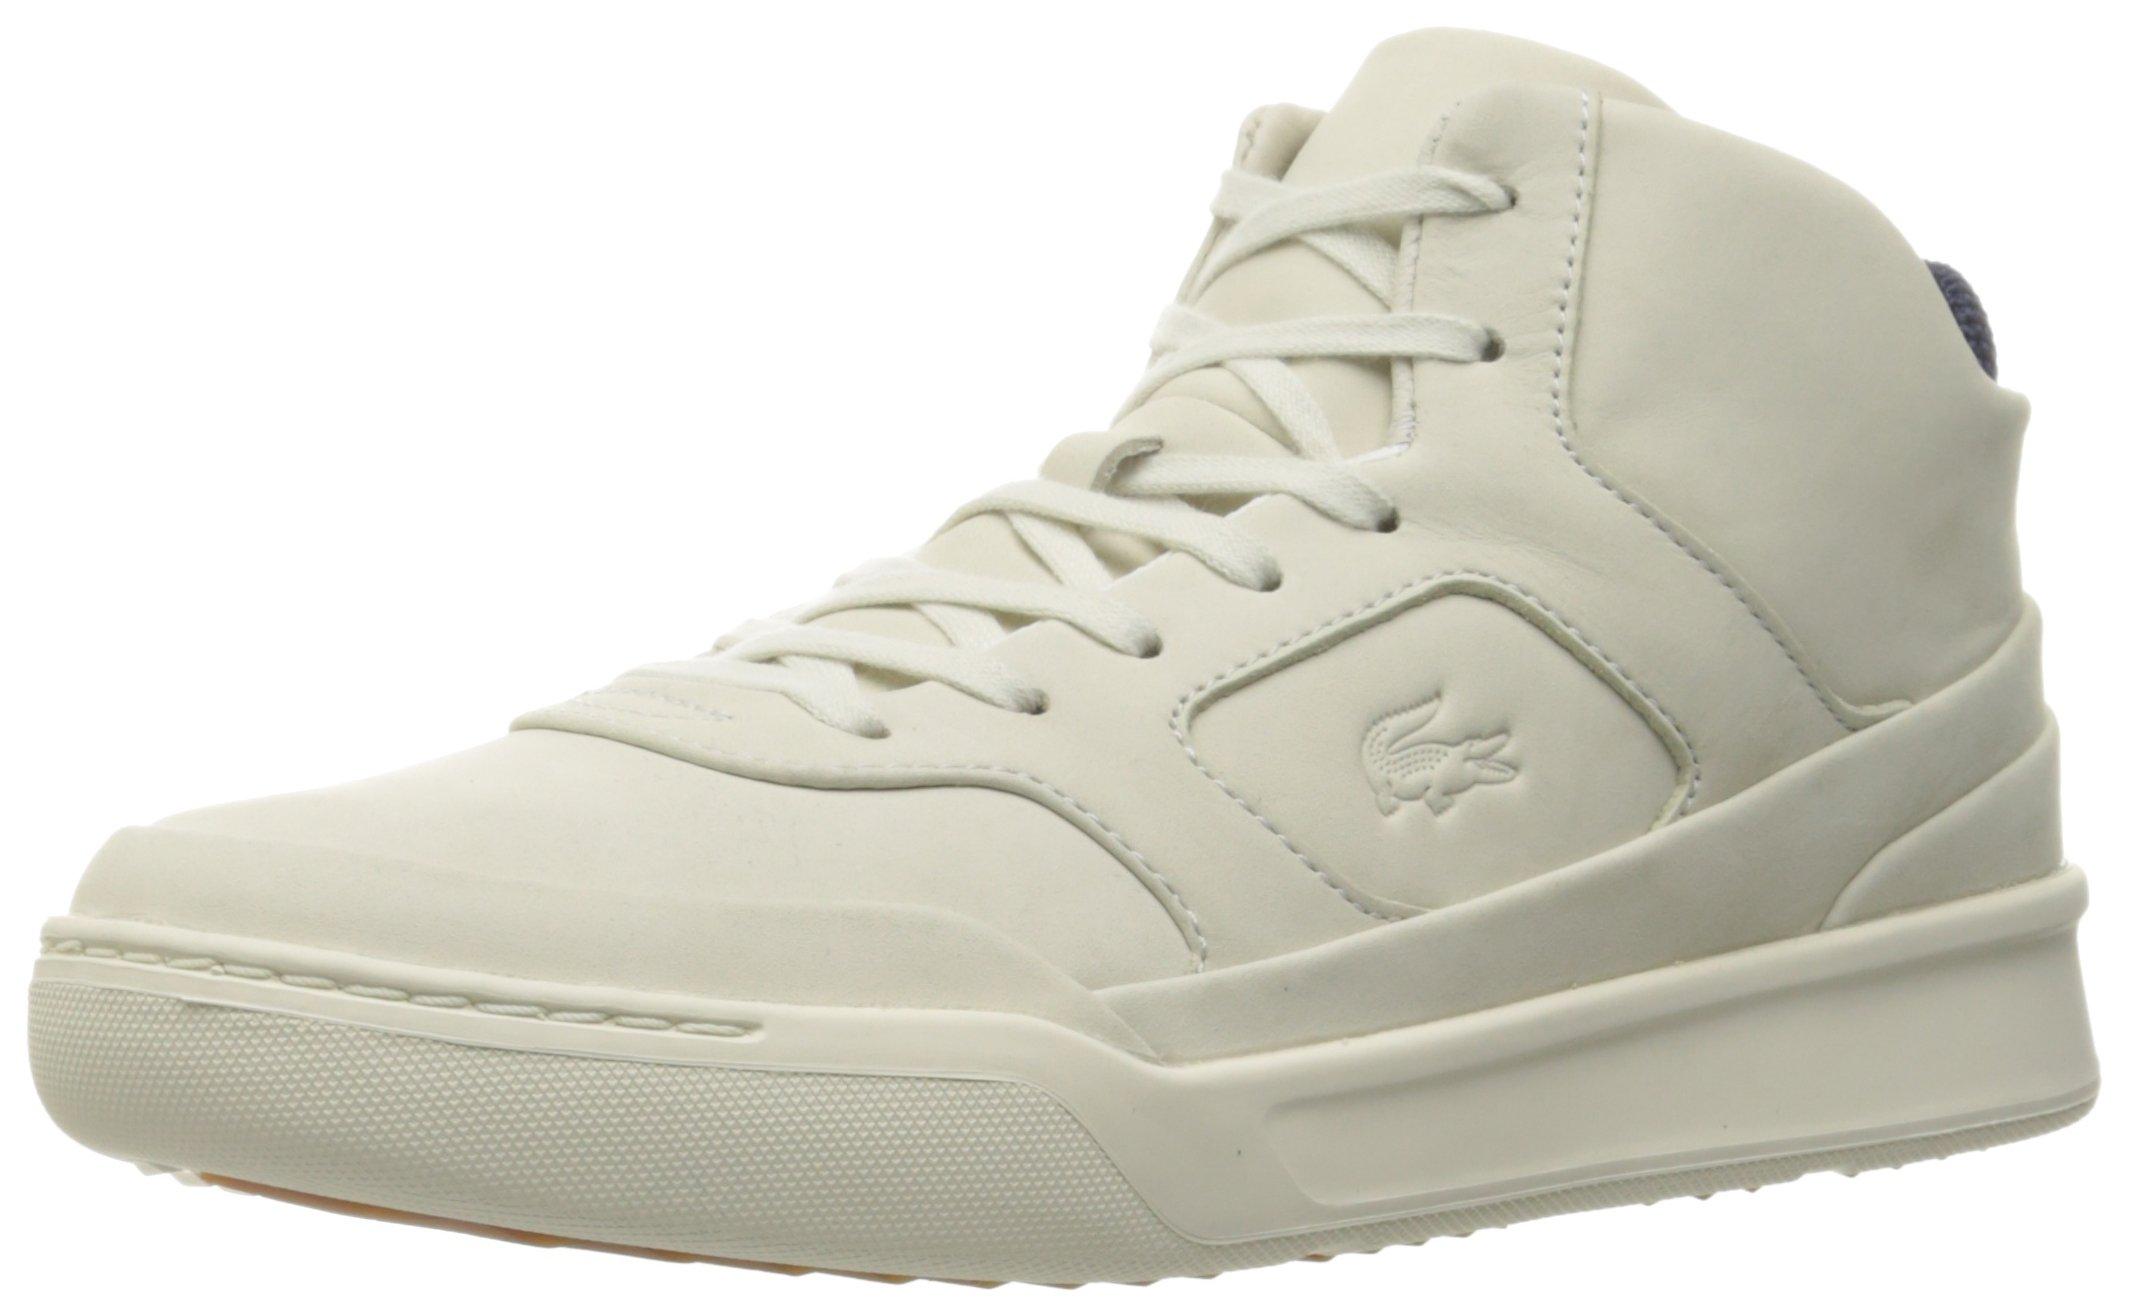 Lacoste Men's Explorateur Mid 316 1 Cam Fashion Sneaker, White, 10 M US